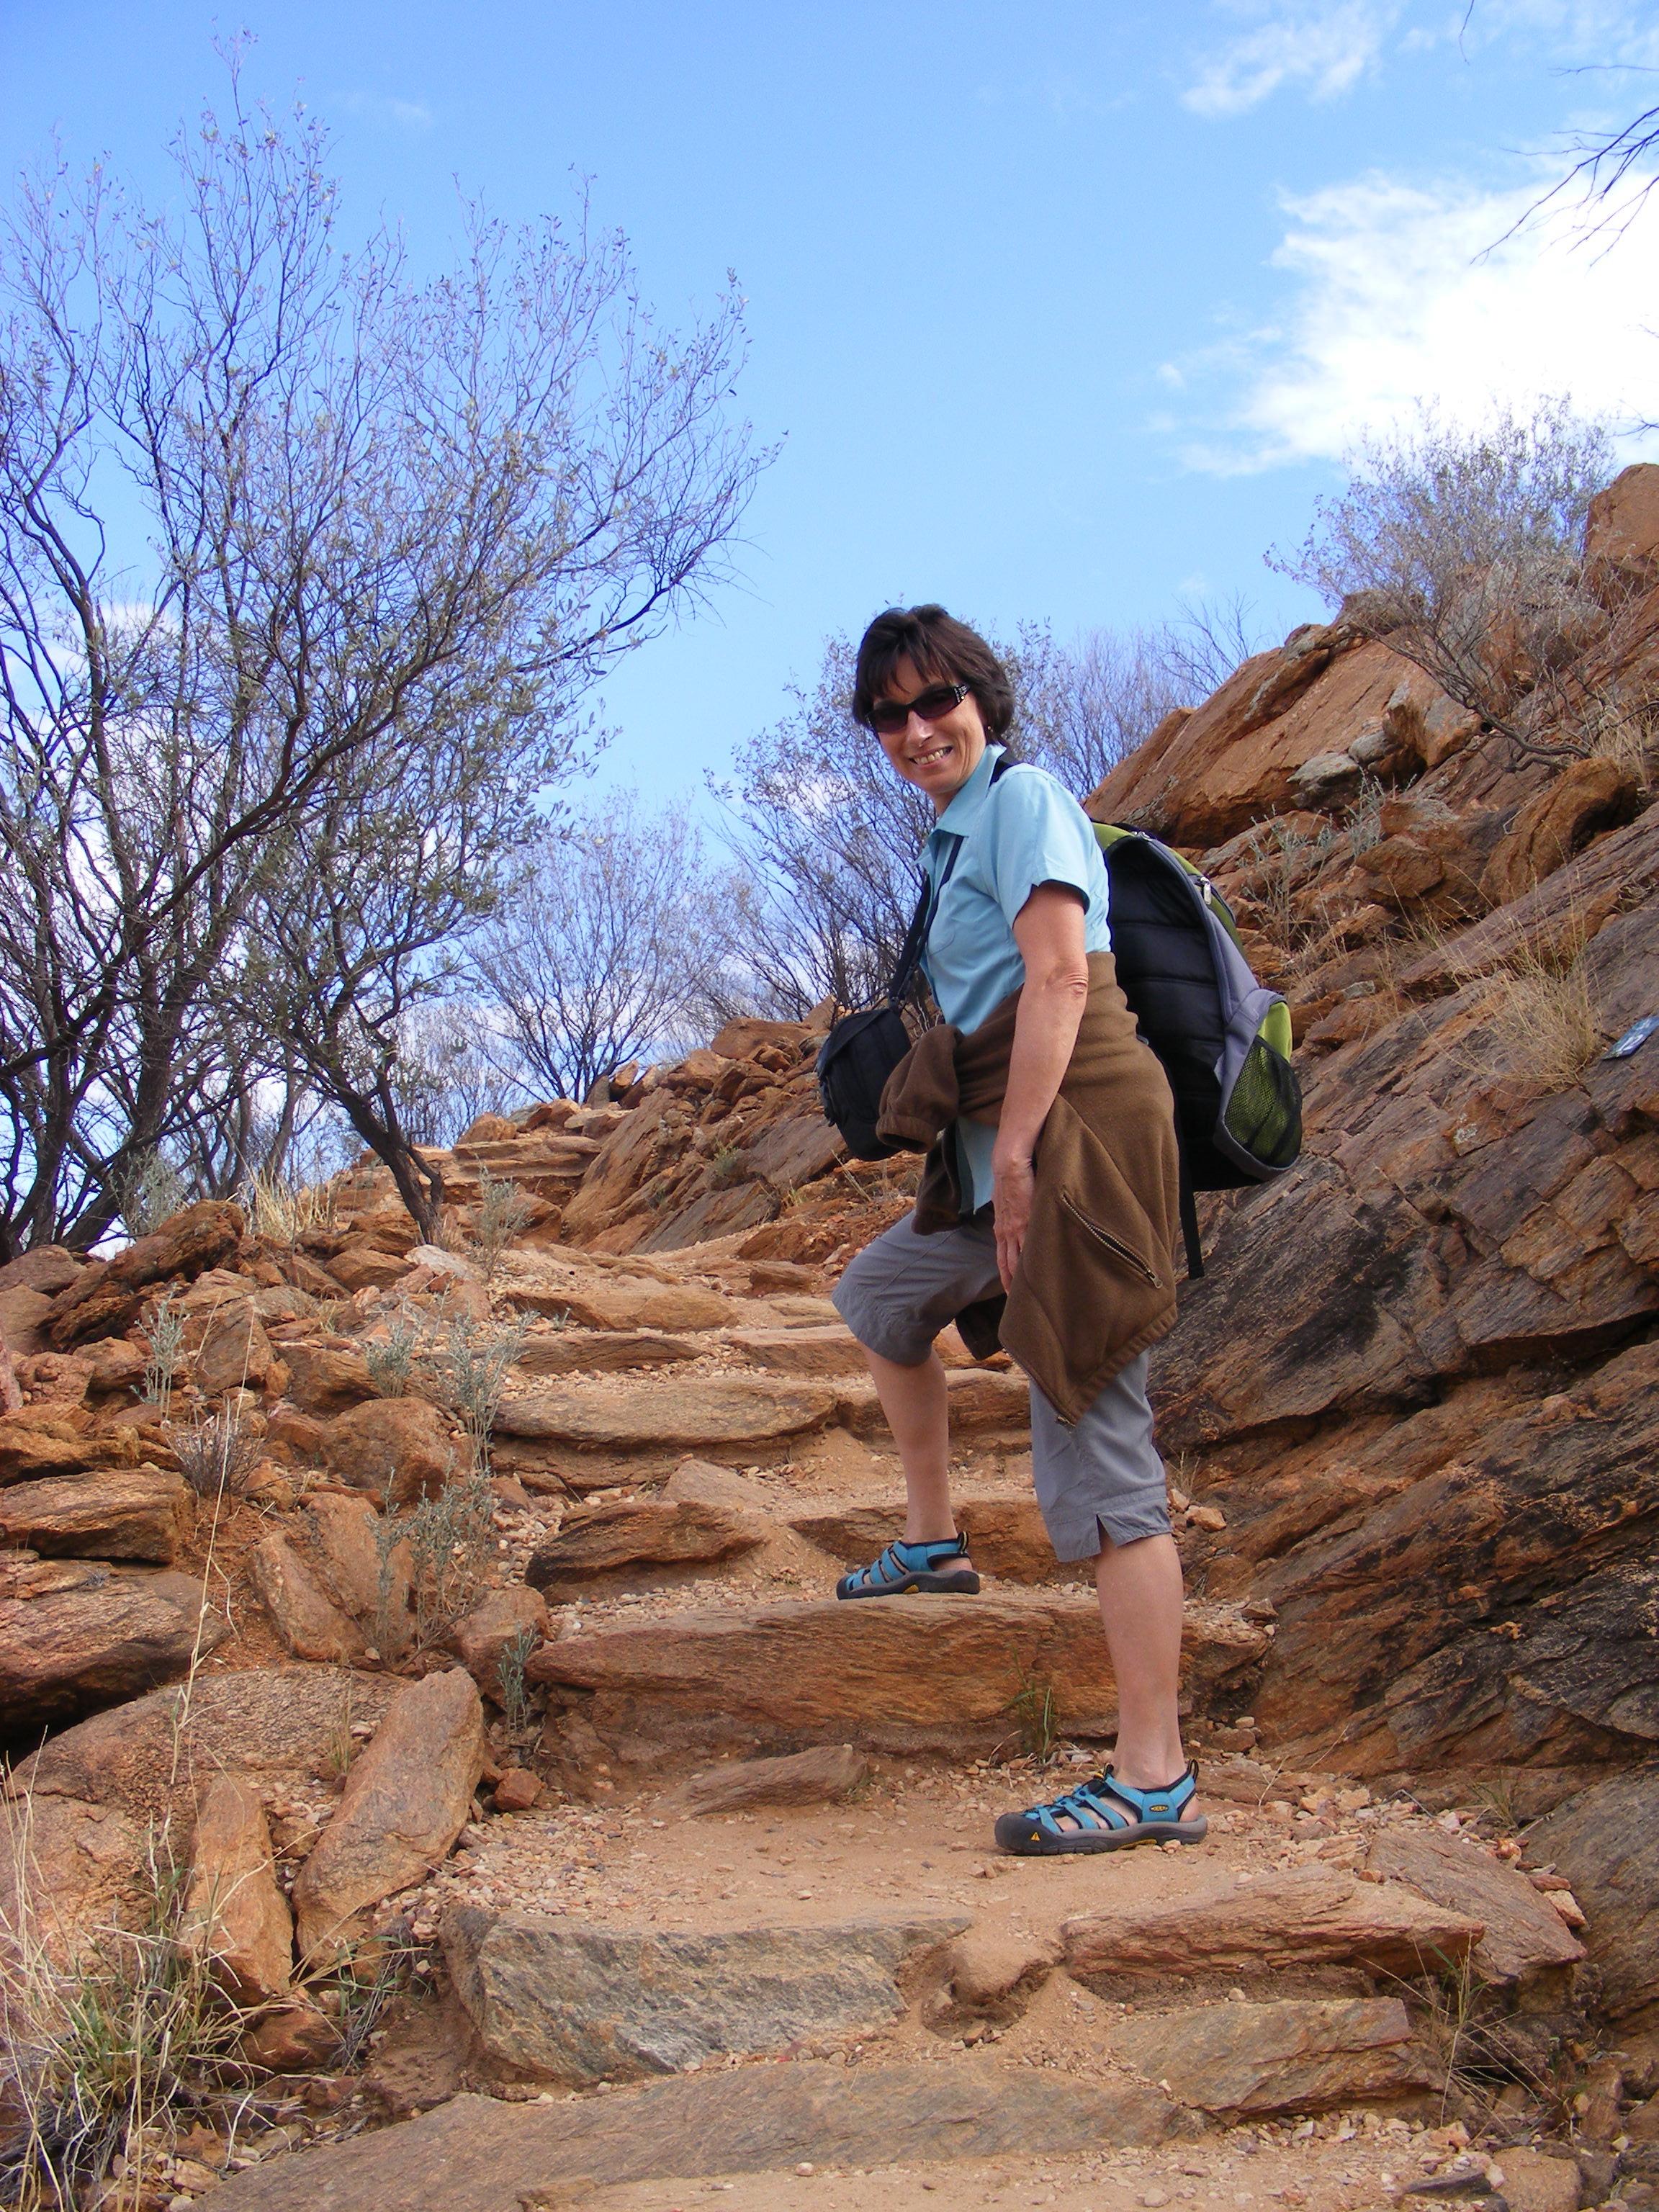 Kris and I hiking